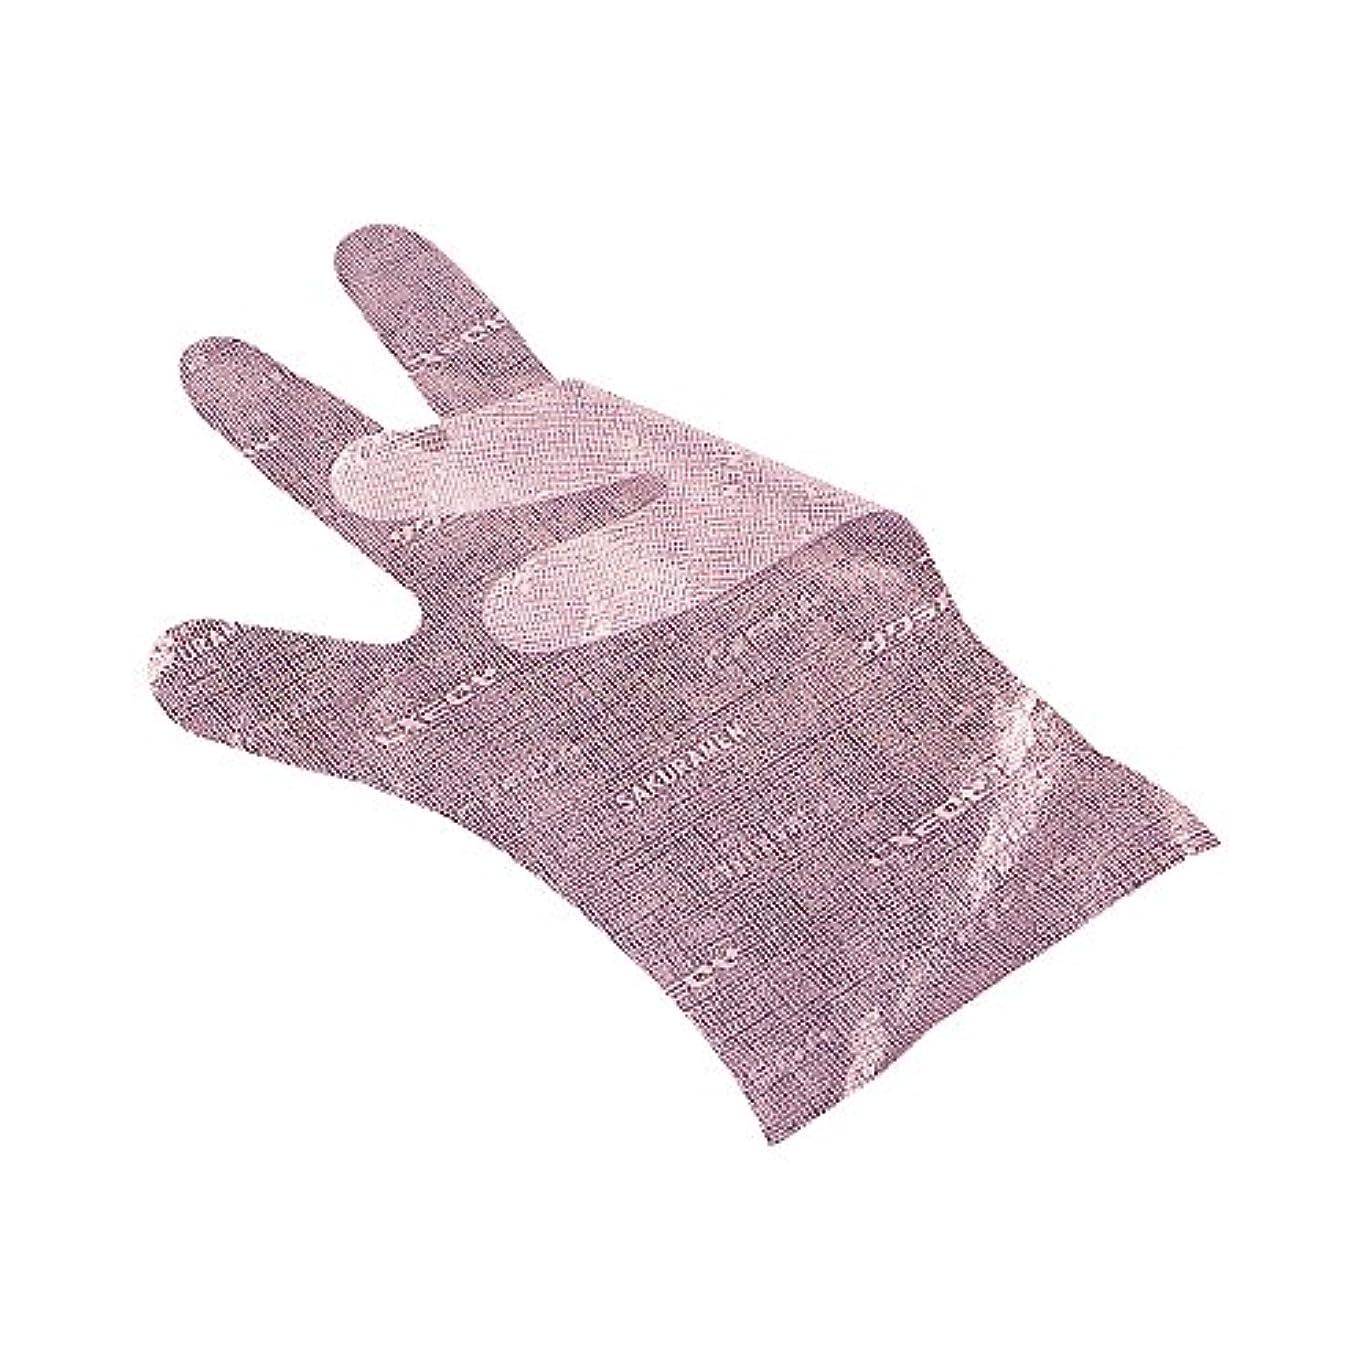 機知に富んだ台風意外サクラメンエンボス手袋 デラックス ピンク M 100枚入